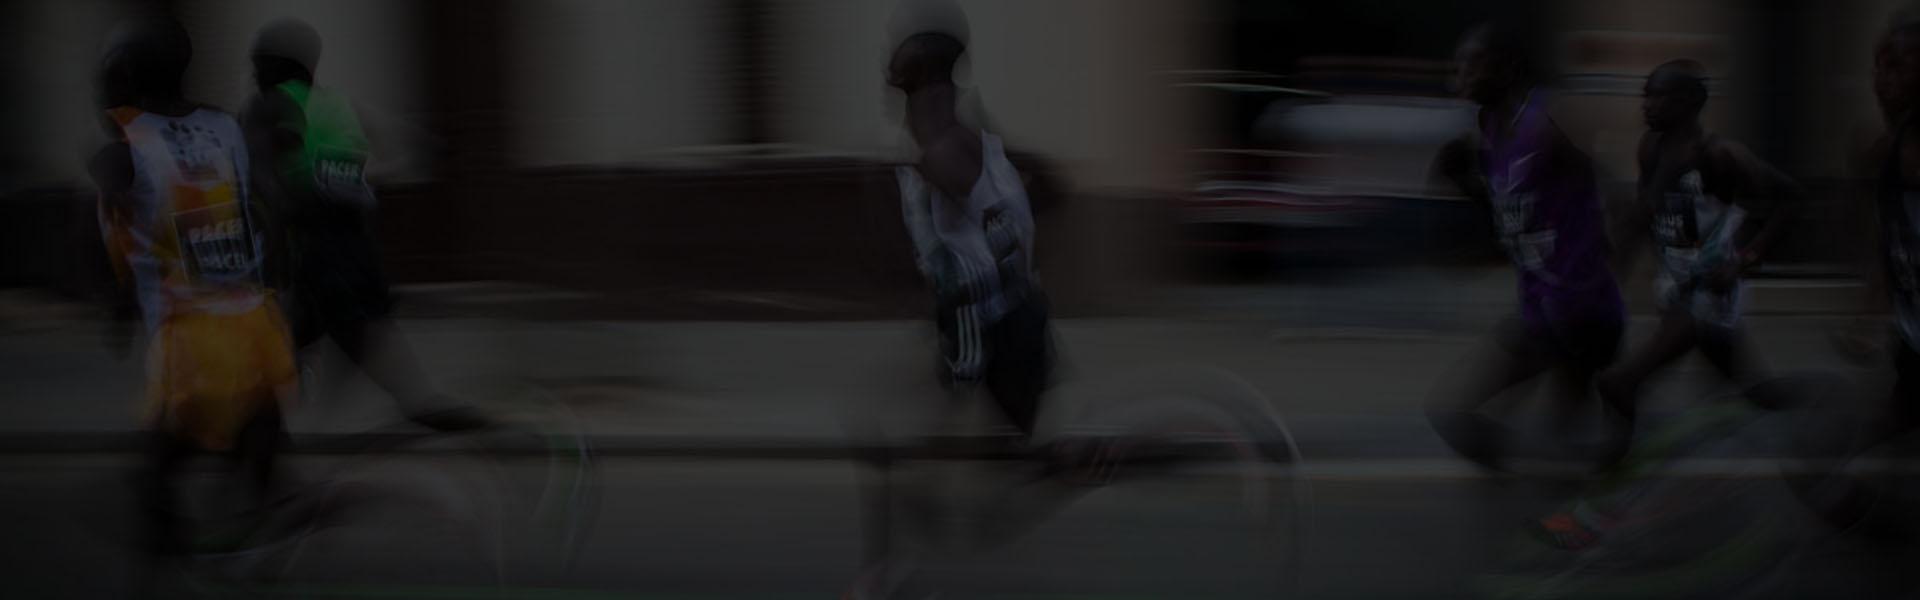 Μαραθώνιος Κάντε Κράτηση www.goldenmarathontours.gr